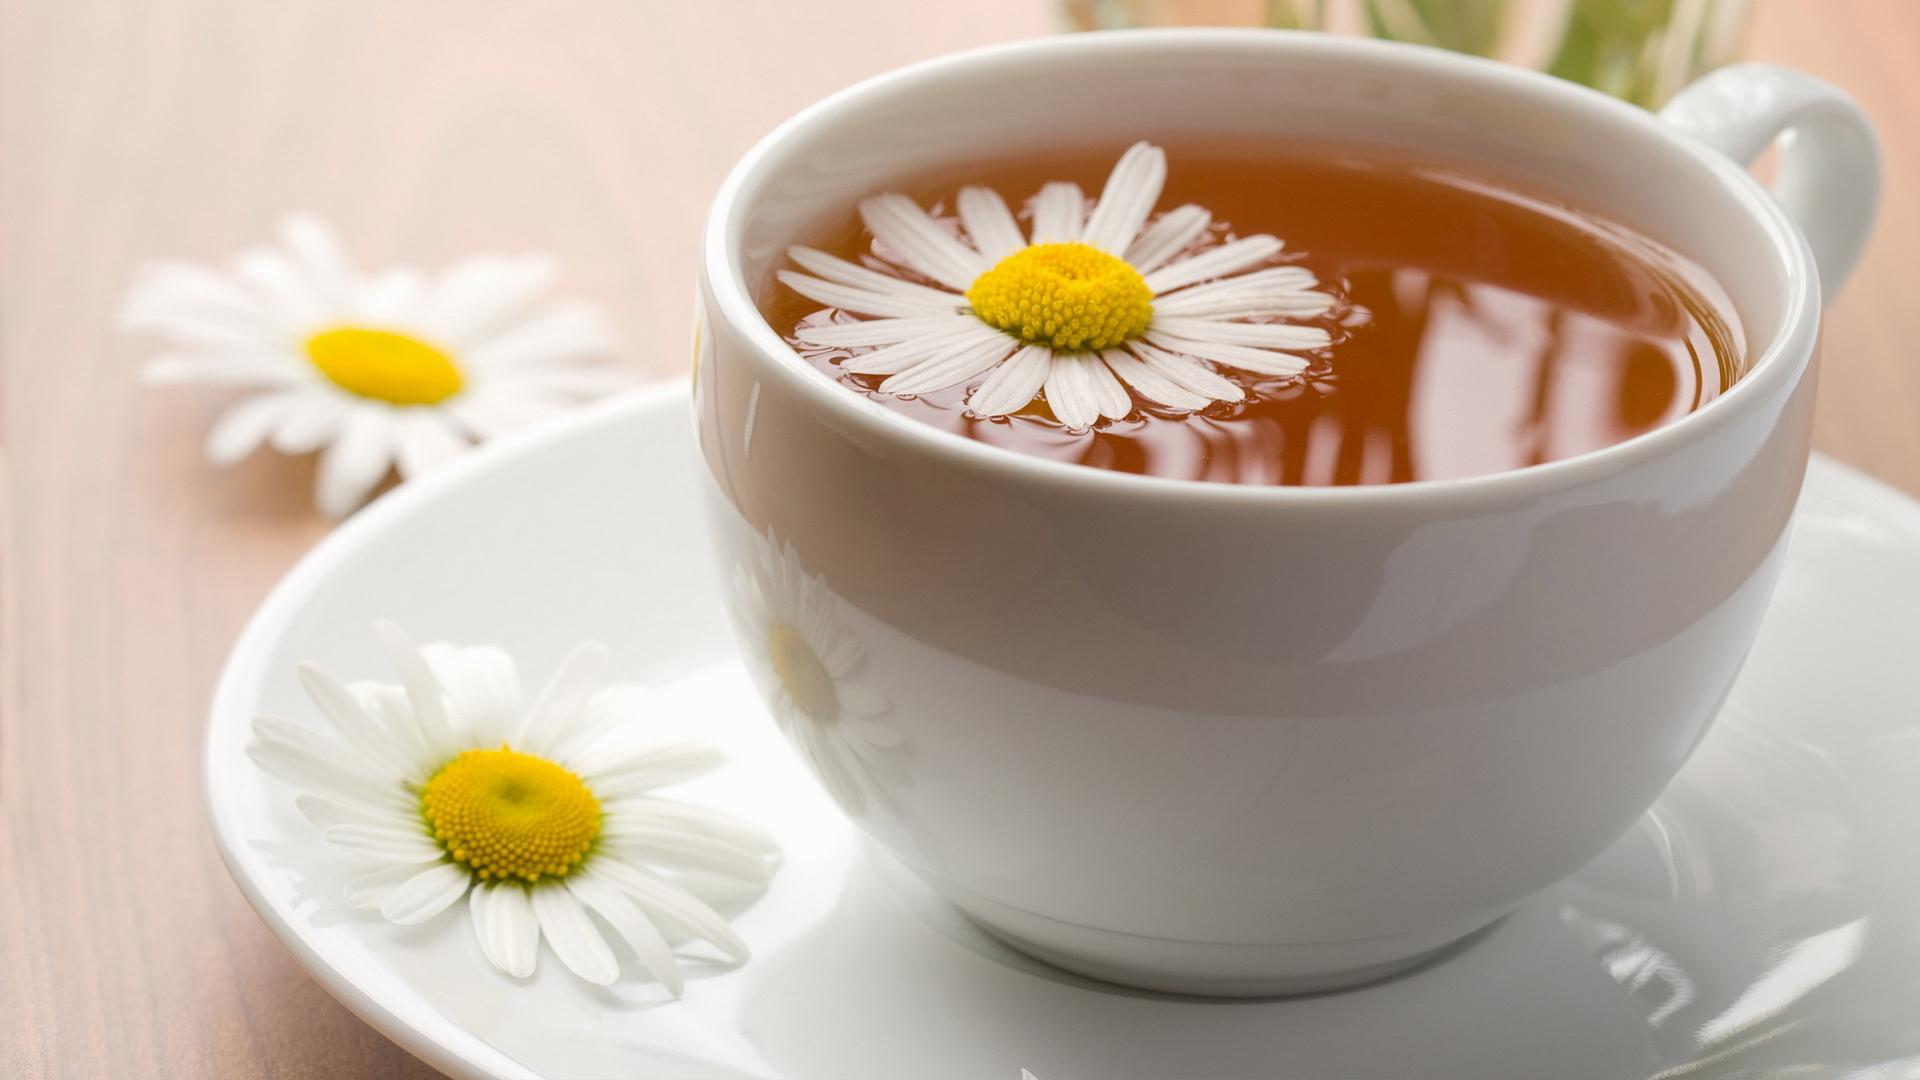 Способствует выздоровлению употребление большого количества жидкости.